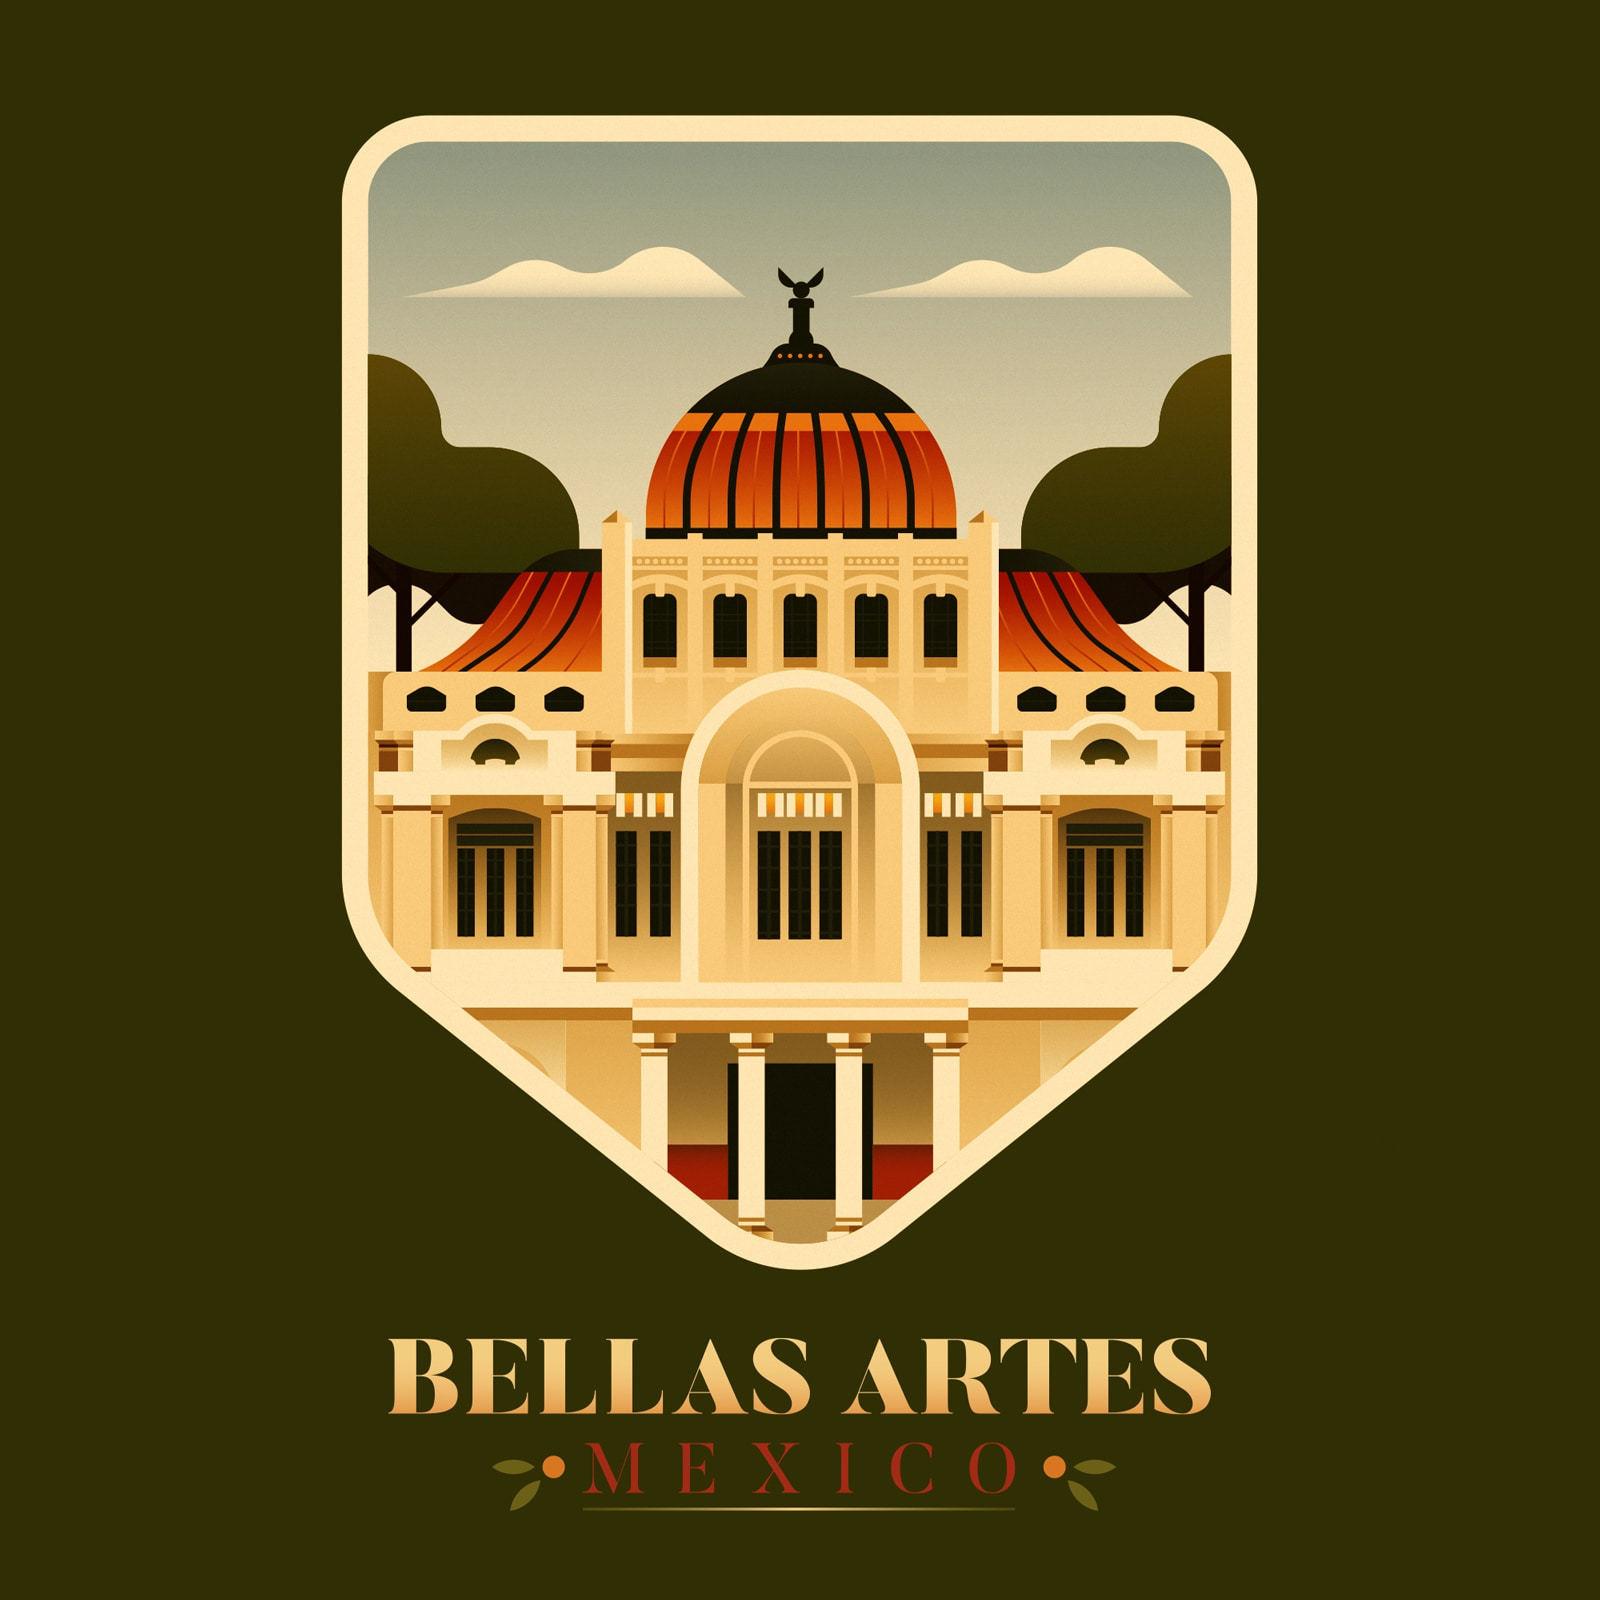 Bellas Artes - Mexico City